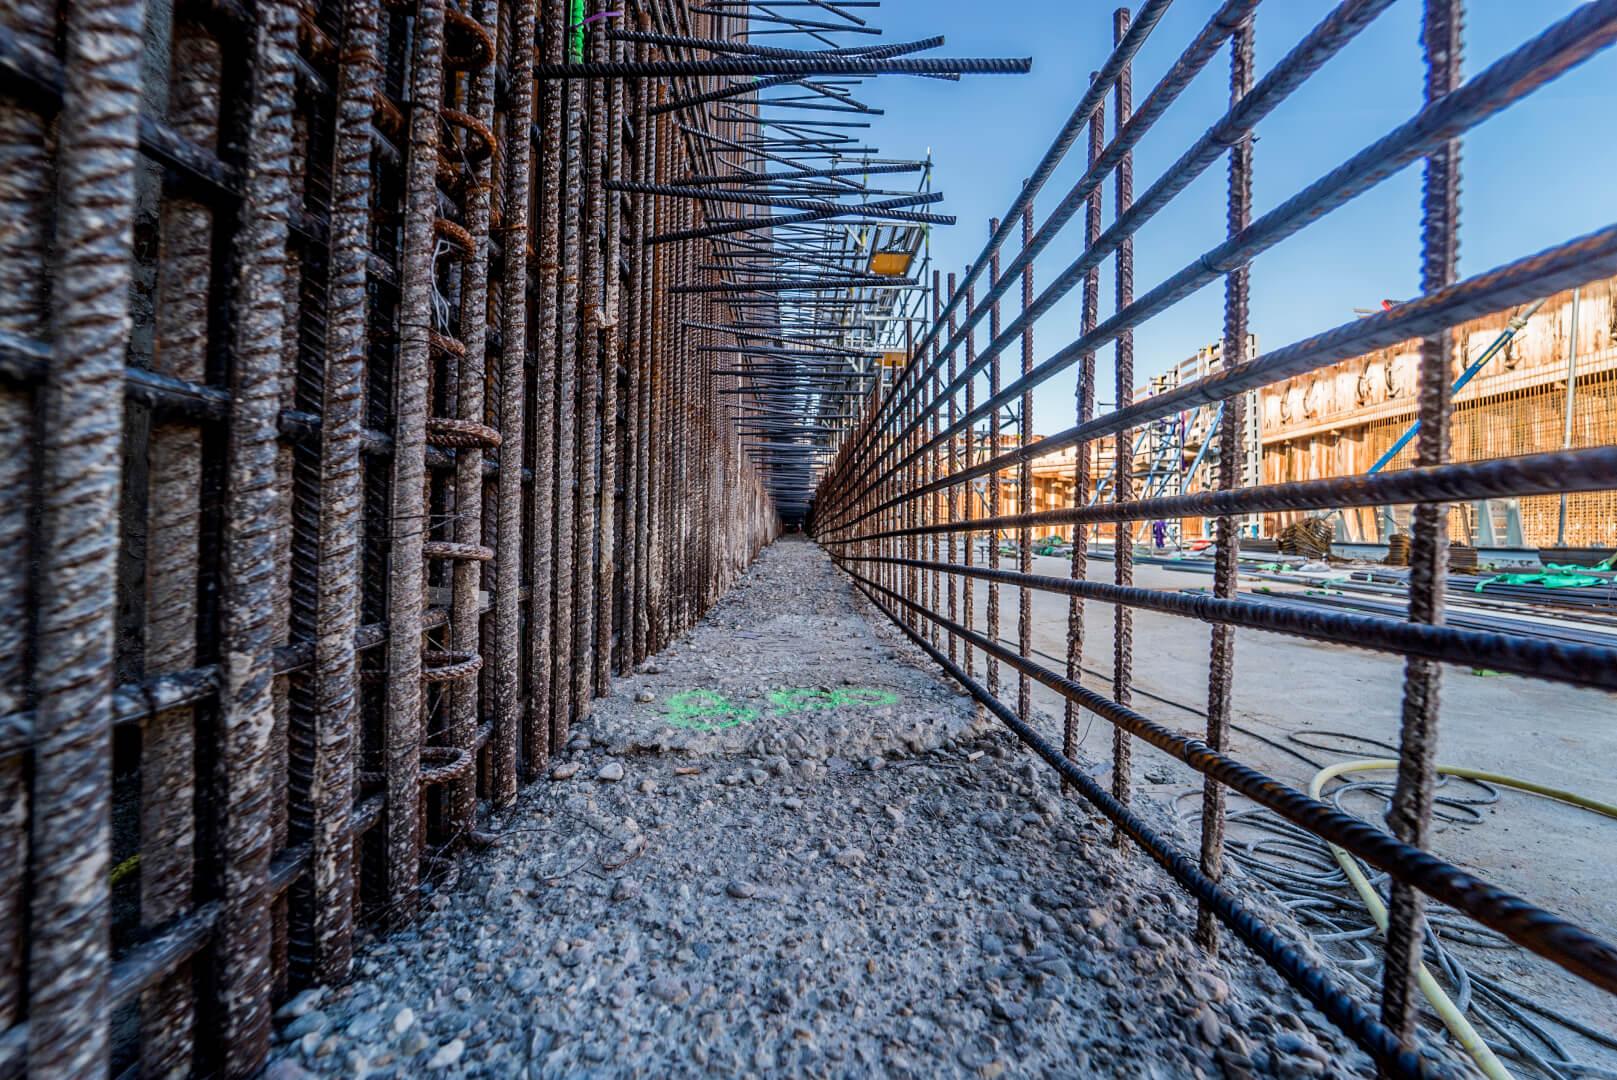 Zo ziet een wand eruit, voordat het beton wordt gestort